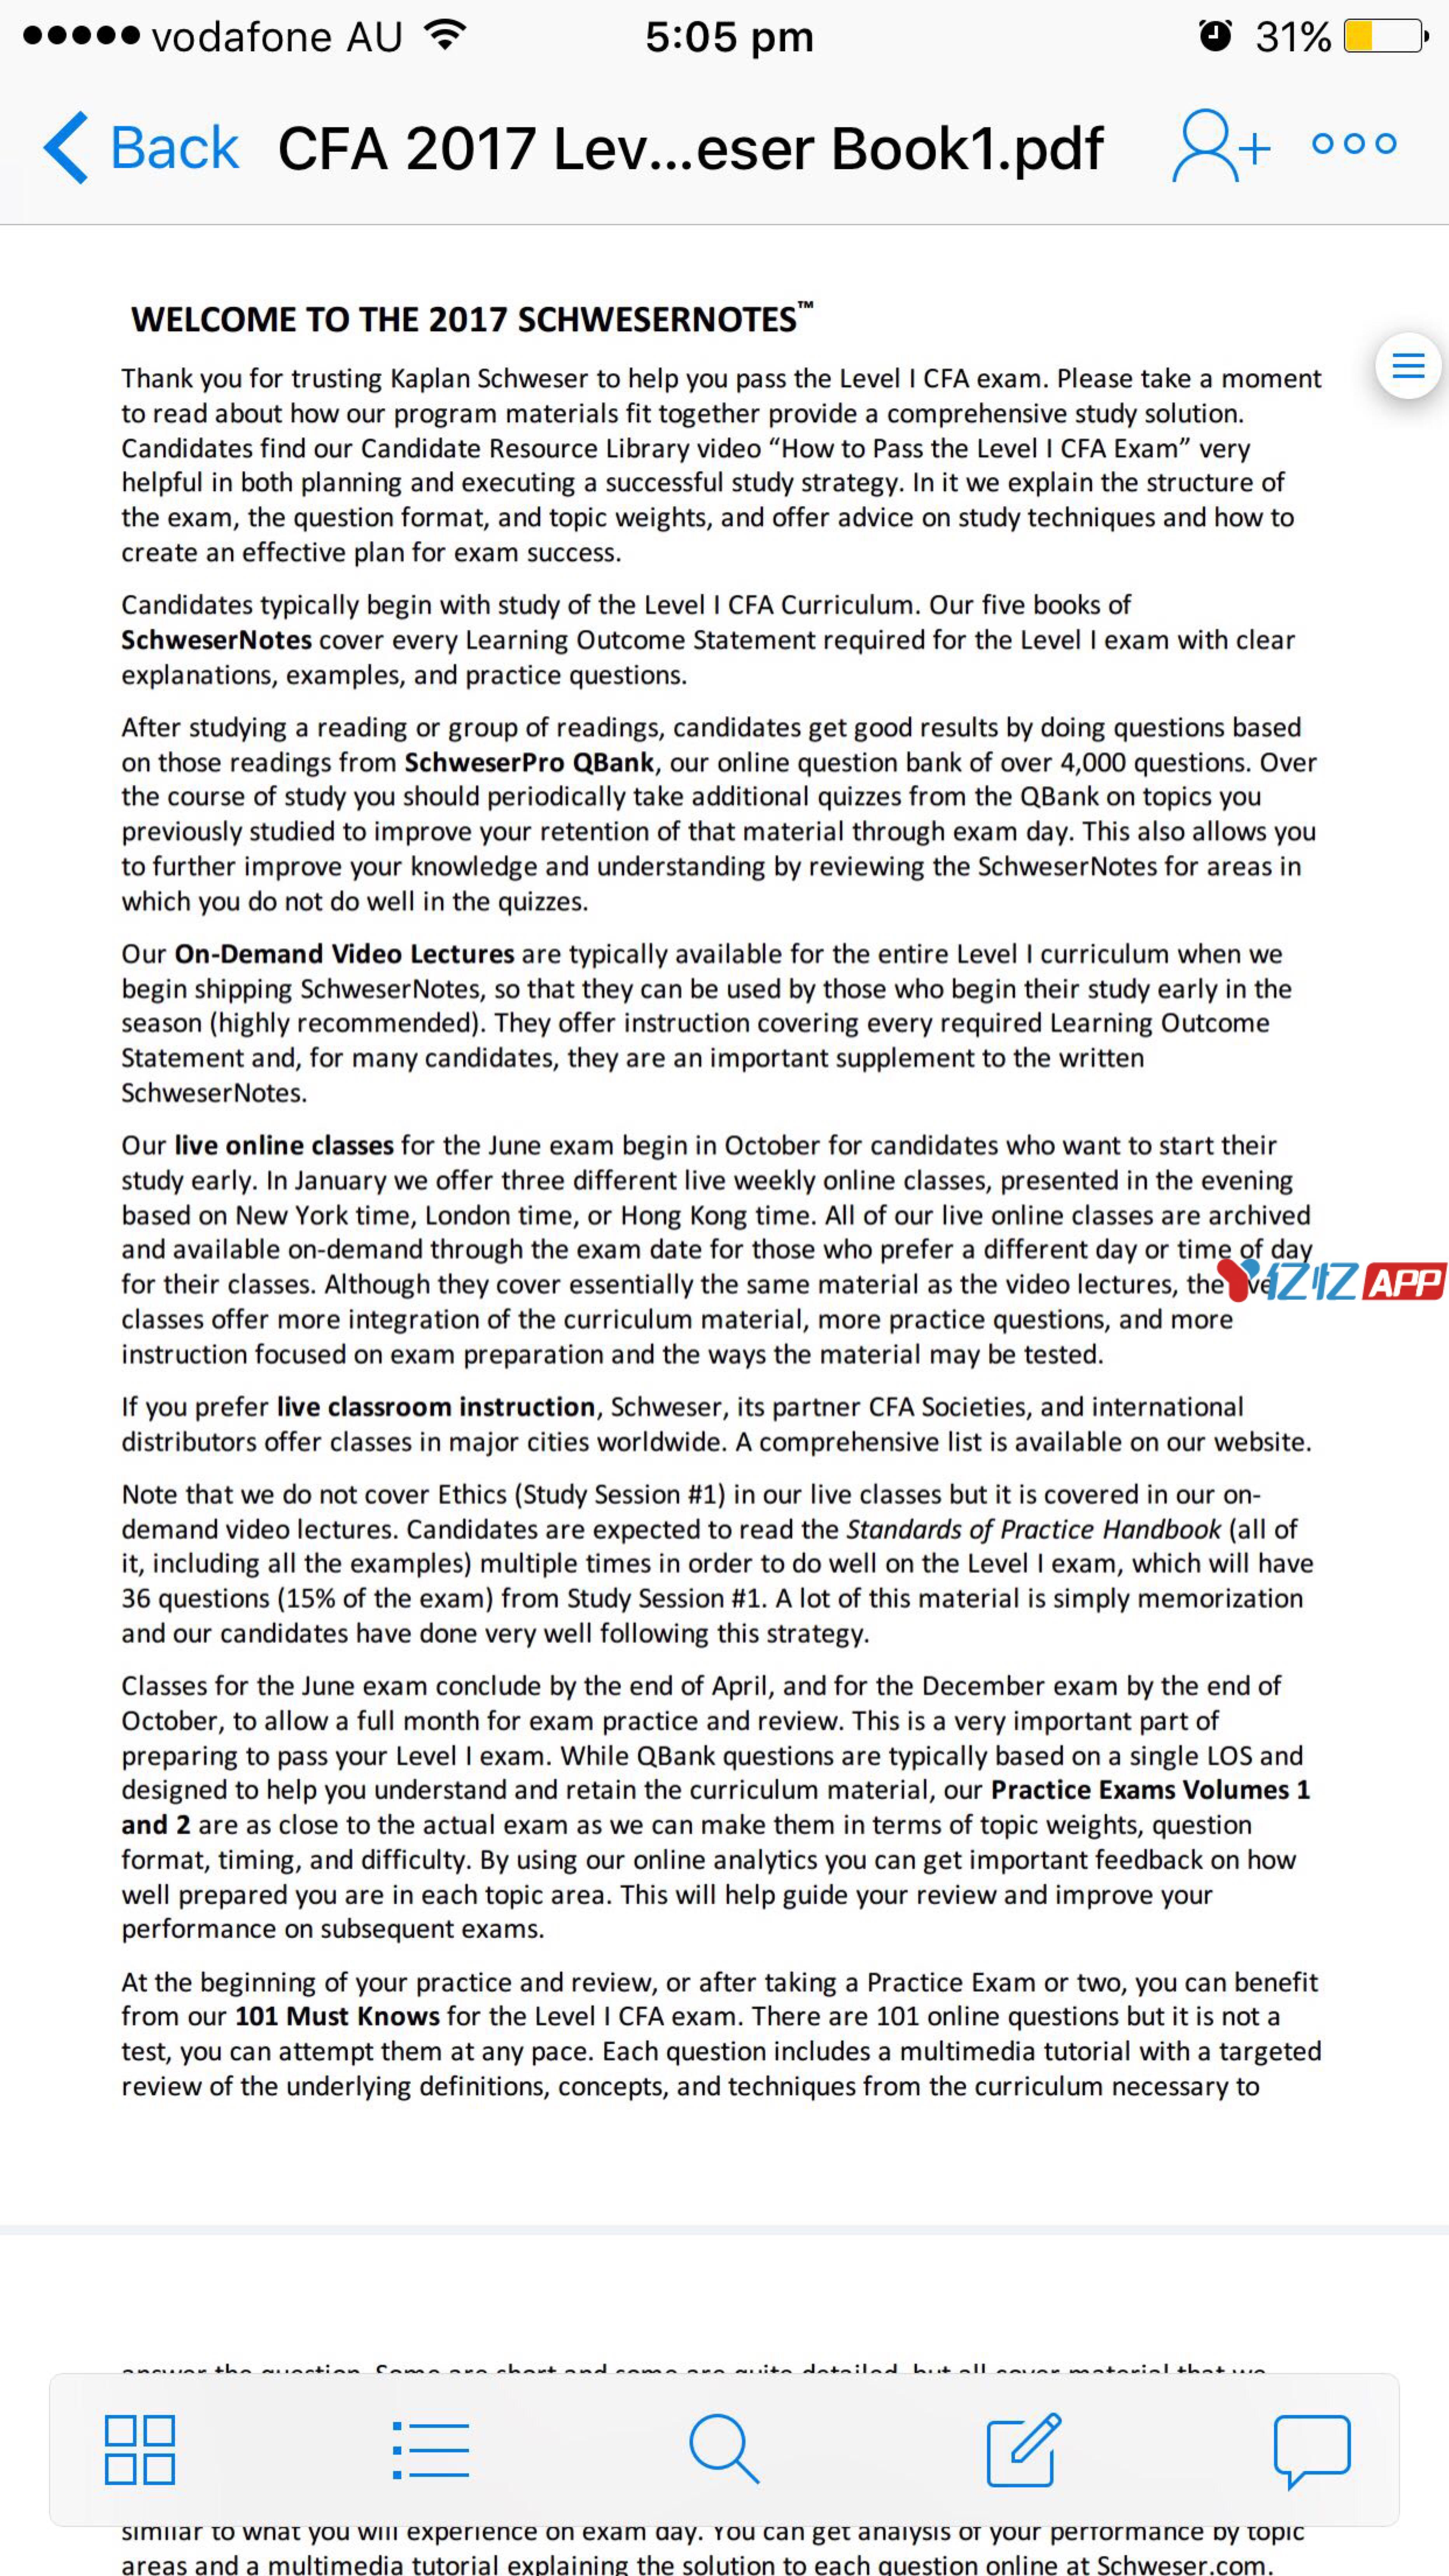 CFA Level 1 Notes 二手教材 æ–°é— ï¼Œæ‹›è˜ï¼Œæ±½è½¦ï¼ŒäºŒæ‰‹ï¼Œç§Ÿæˆ¿ï¼Œäº¤å‹